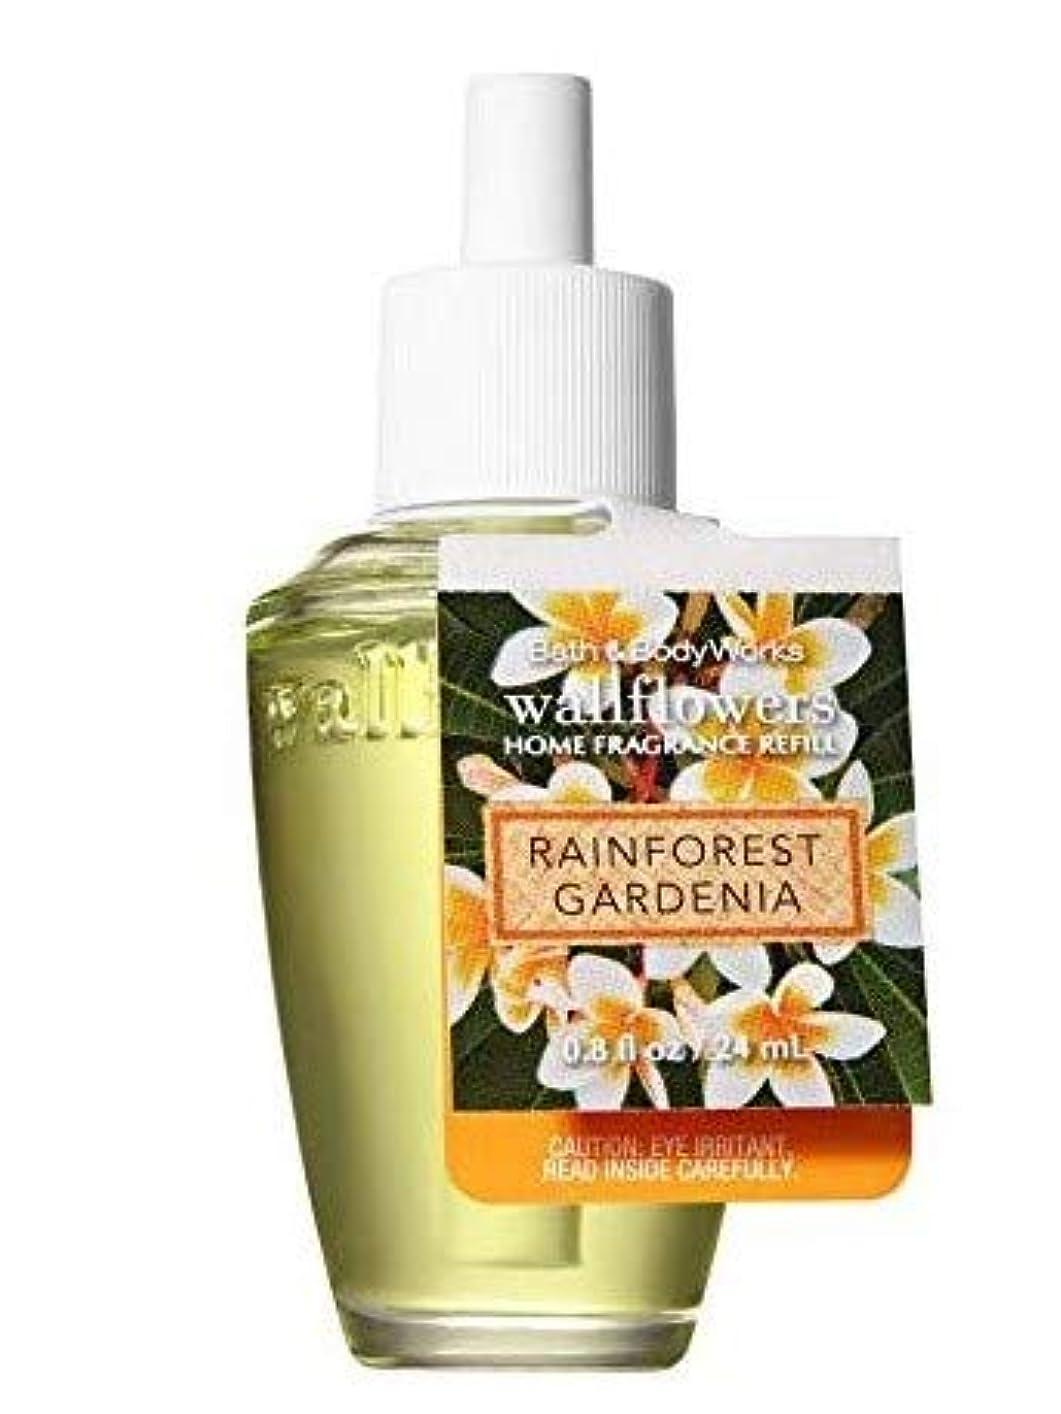 竜巻電子グリット【Bath&Body Works/バス&ボディワークス】 ルームフレグランス 詰替えリフィル レインフォレストガーデニア Wallflowers Home Fragrance Refill Rainforest Gardenia [並行輸入品]